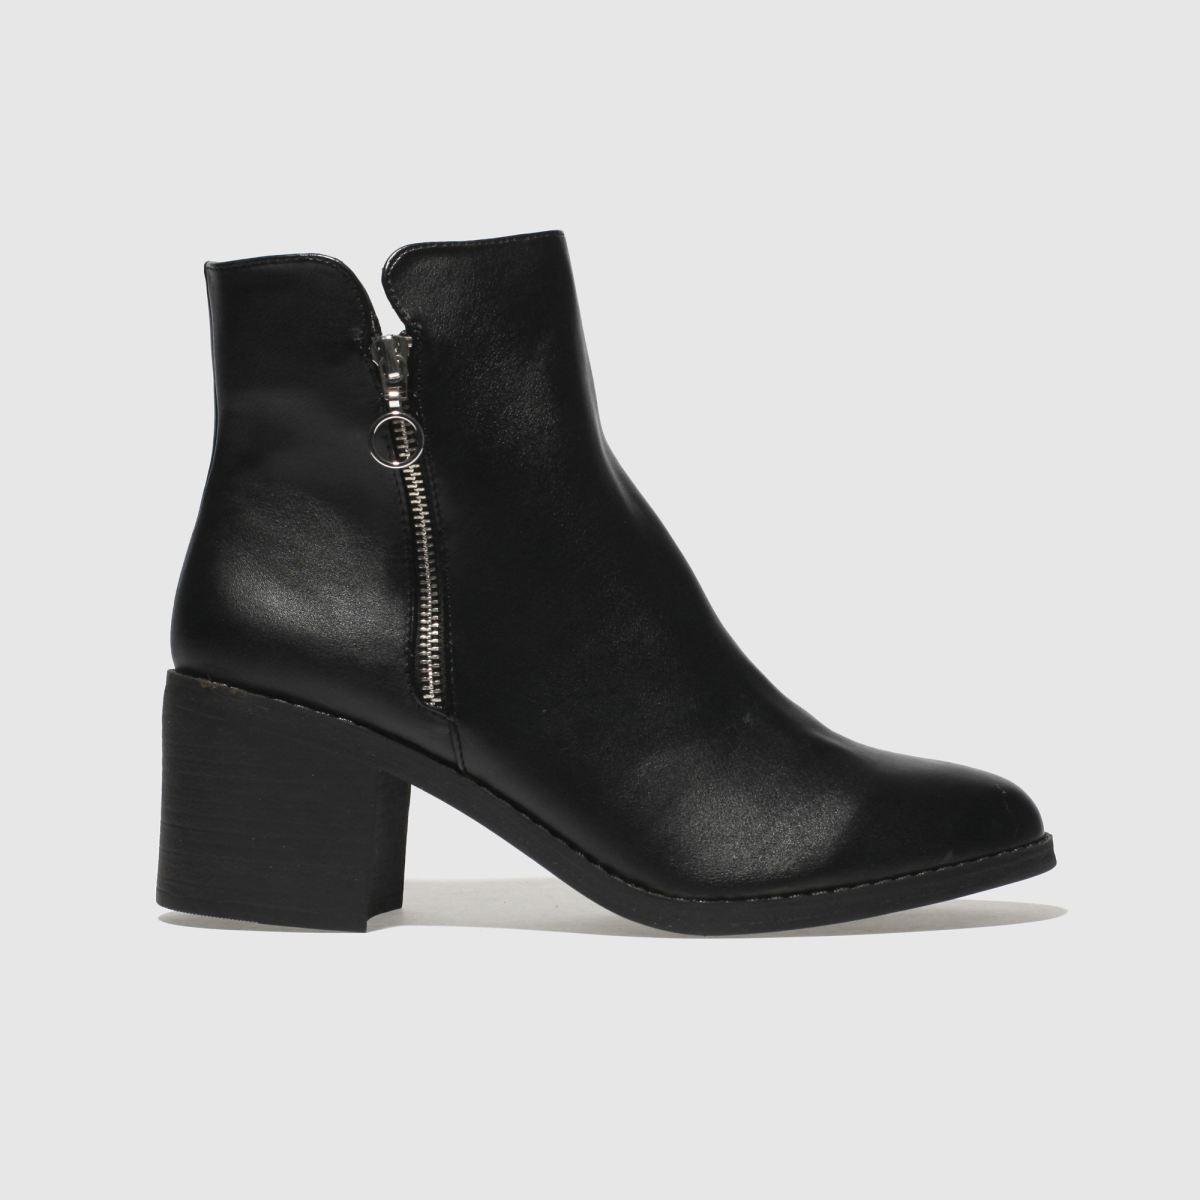 Schuh Black Misdemeanour Boots